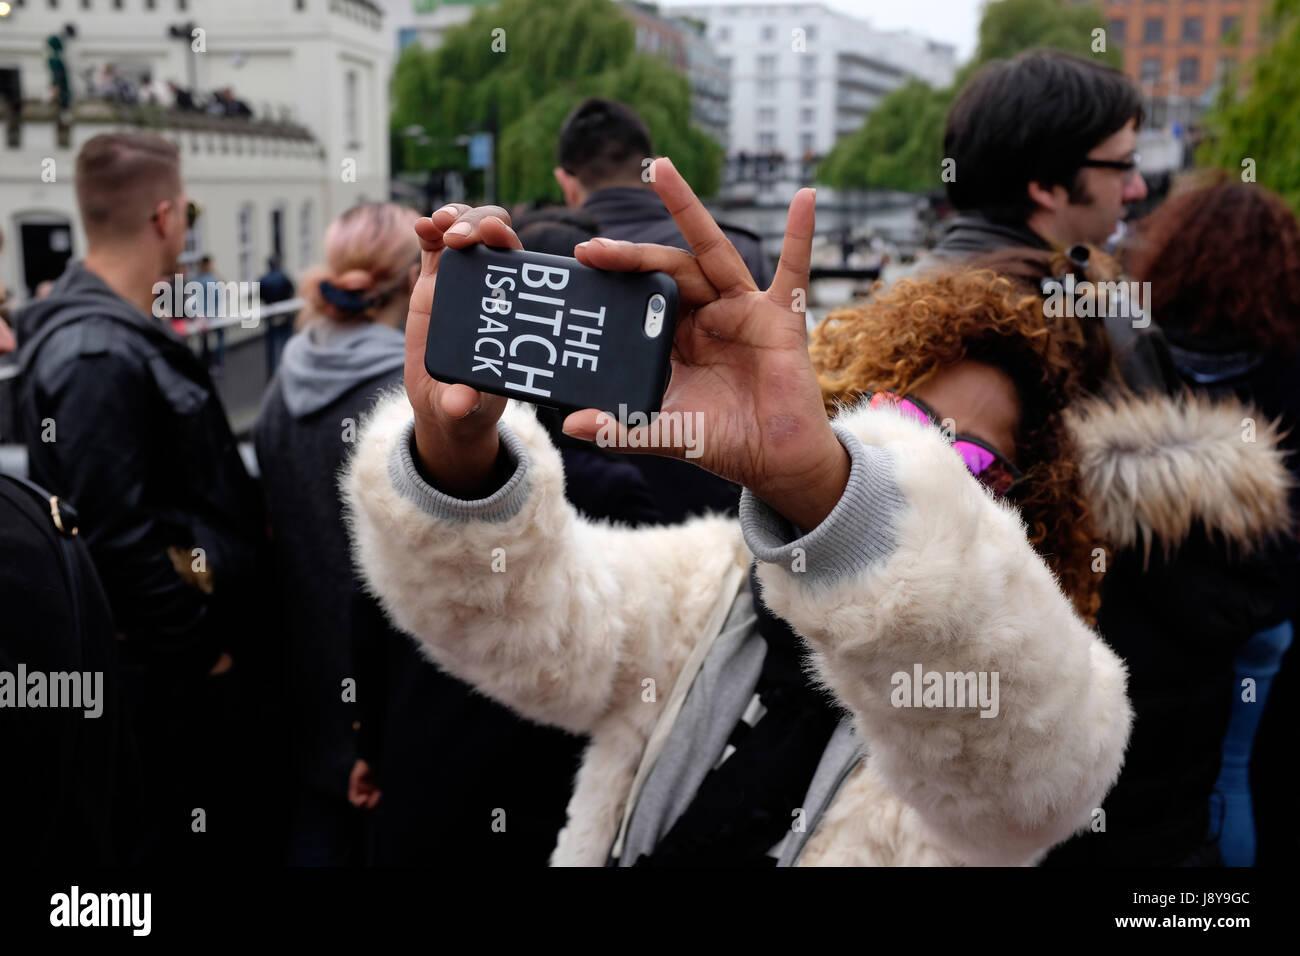 Frau, die eine Selfie mit ihrem Smartphone bei Camden Lock Market, London, UK. Stockbild